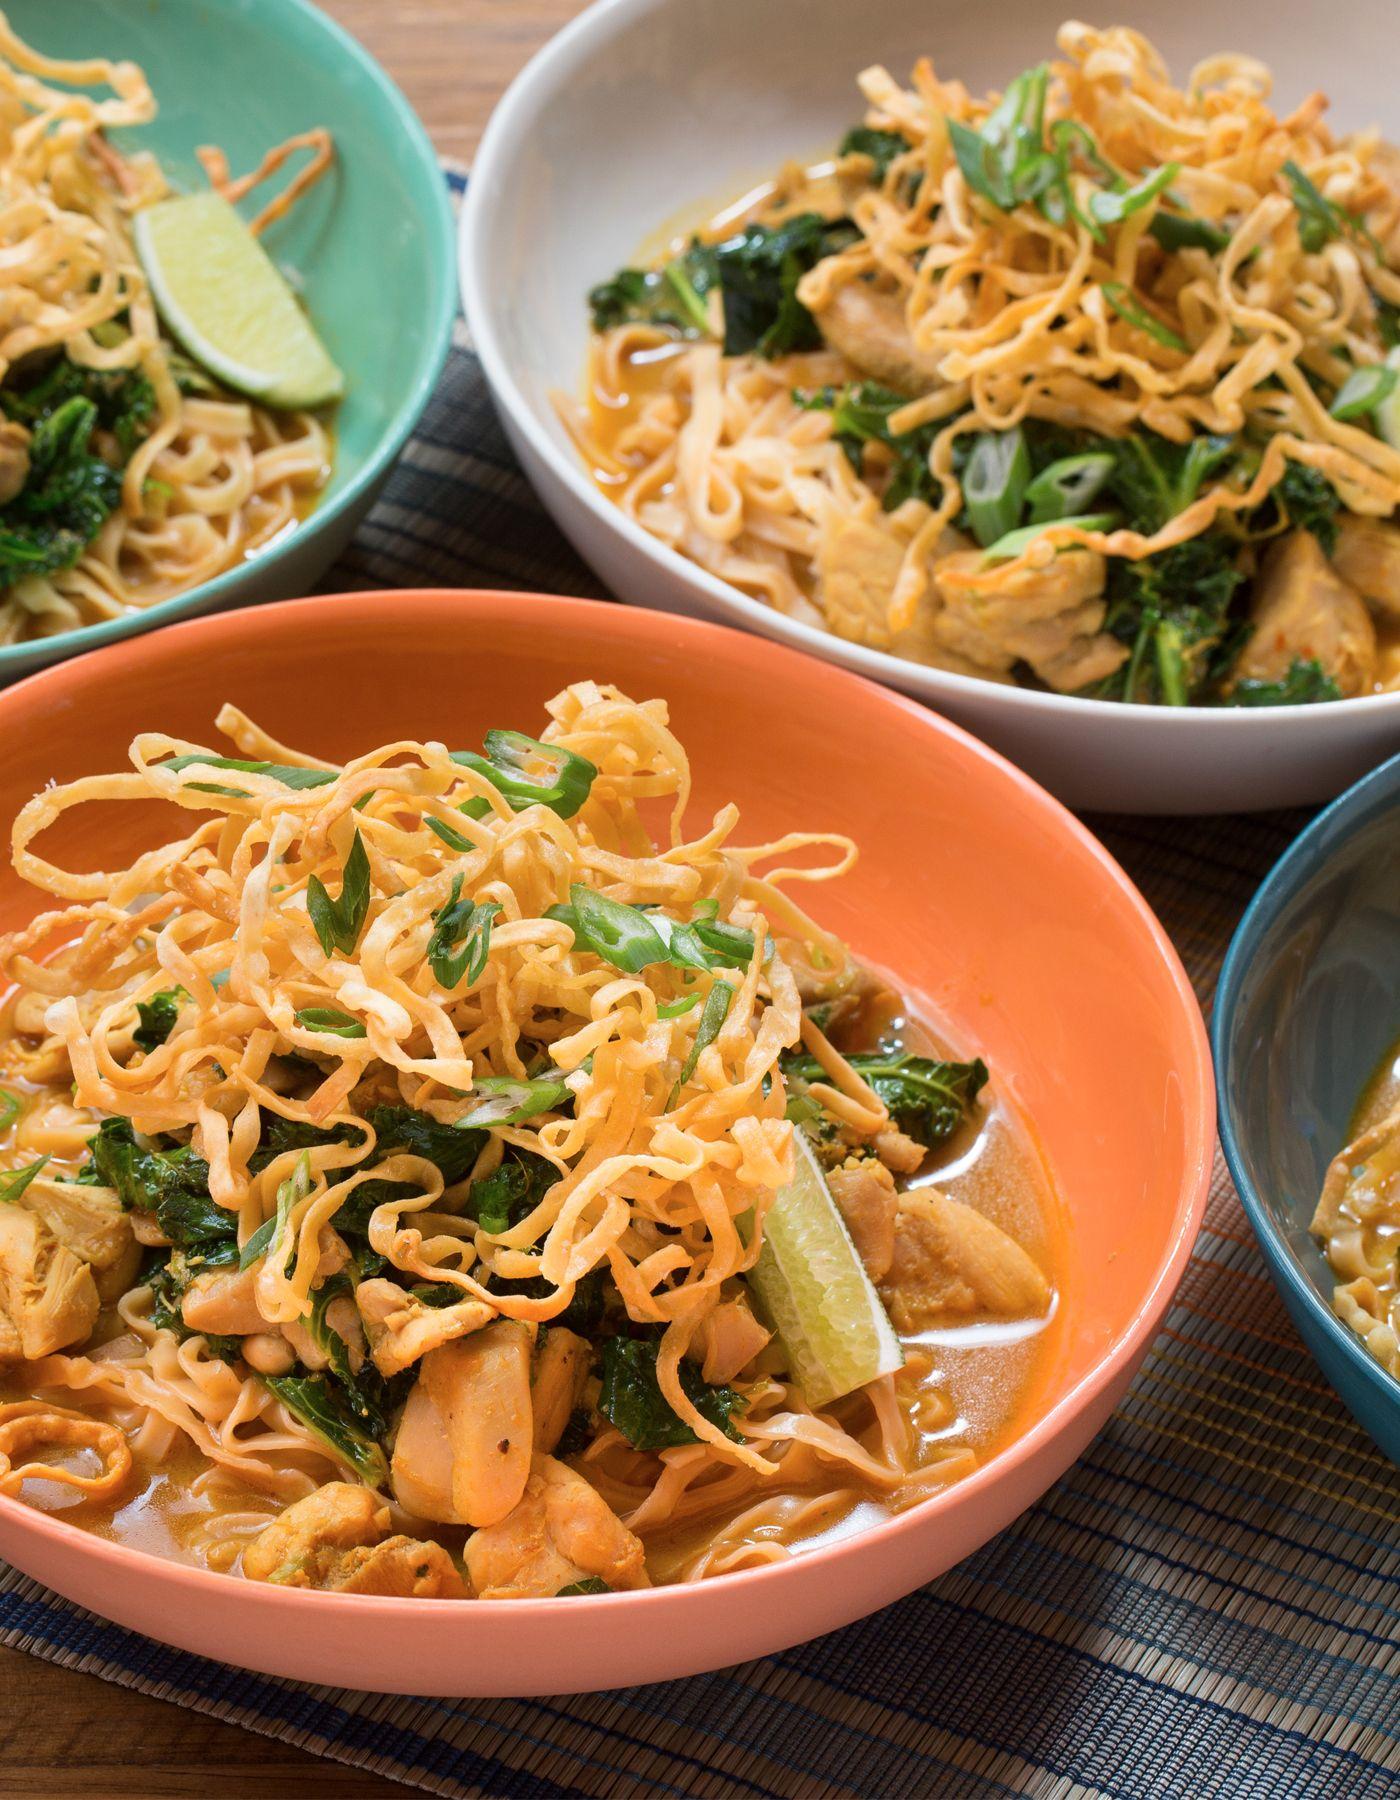 Blue apron wonton noodles - Chicken Khao Soi With Crispy Wonton Noodles